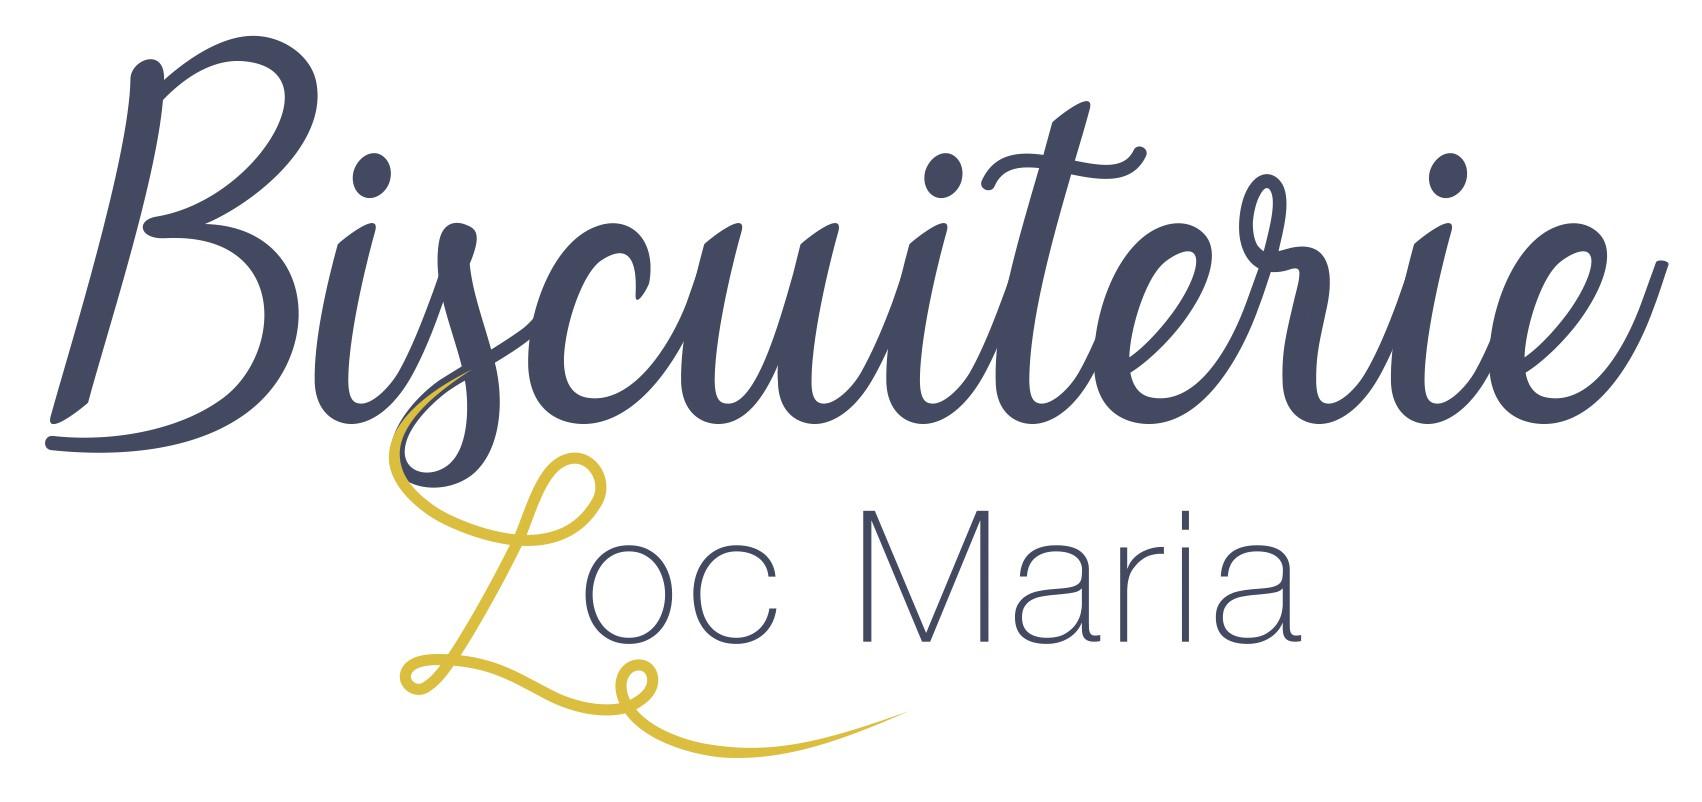 Biscuiterie Loc Maria